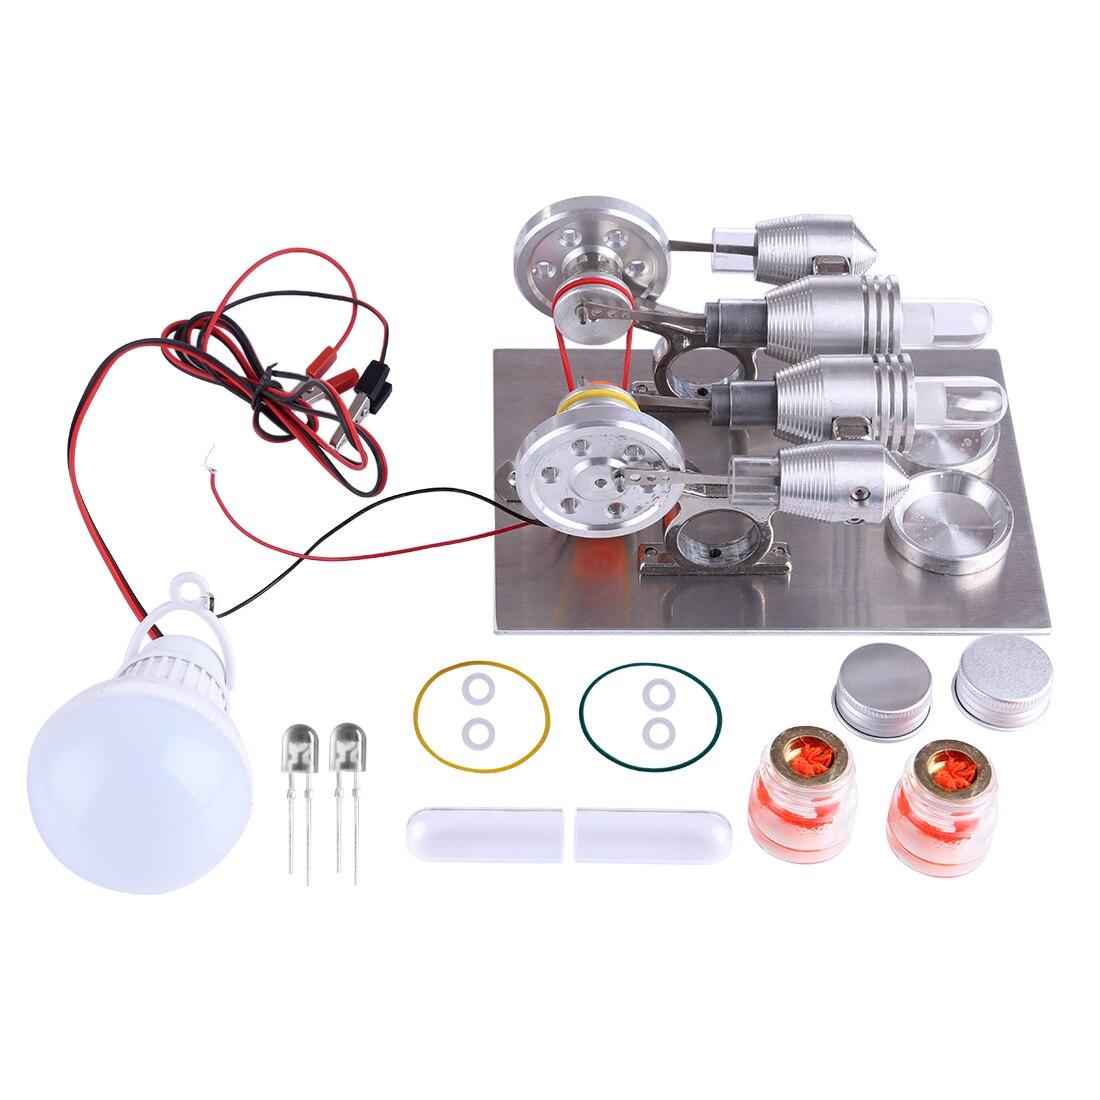 Kits de modèles de moteur à Double cylindre Stirling expérience de la Science physique bricolage Kits de construction de modèles jouets pour enfants